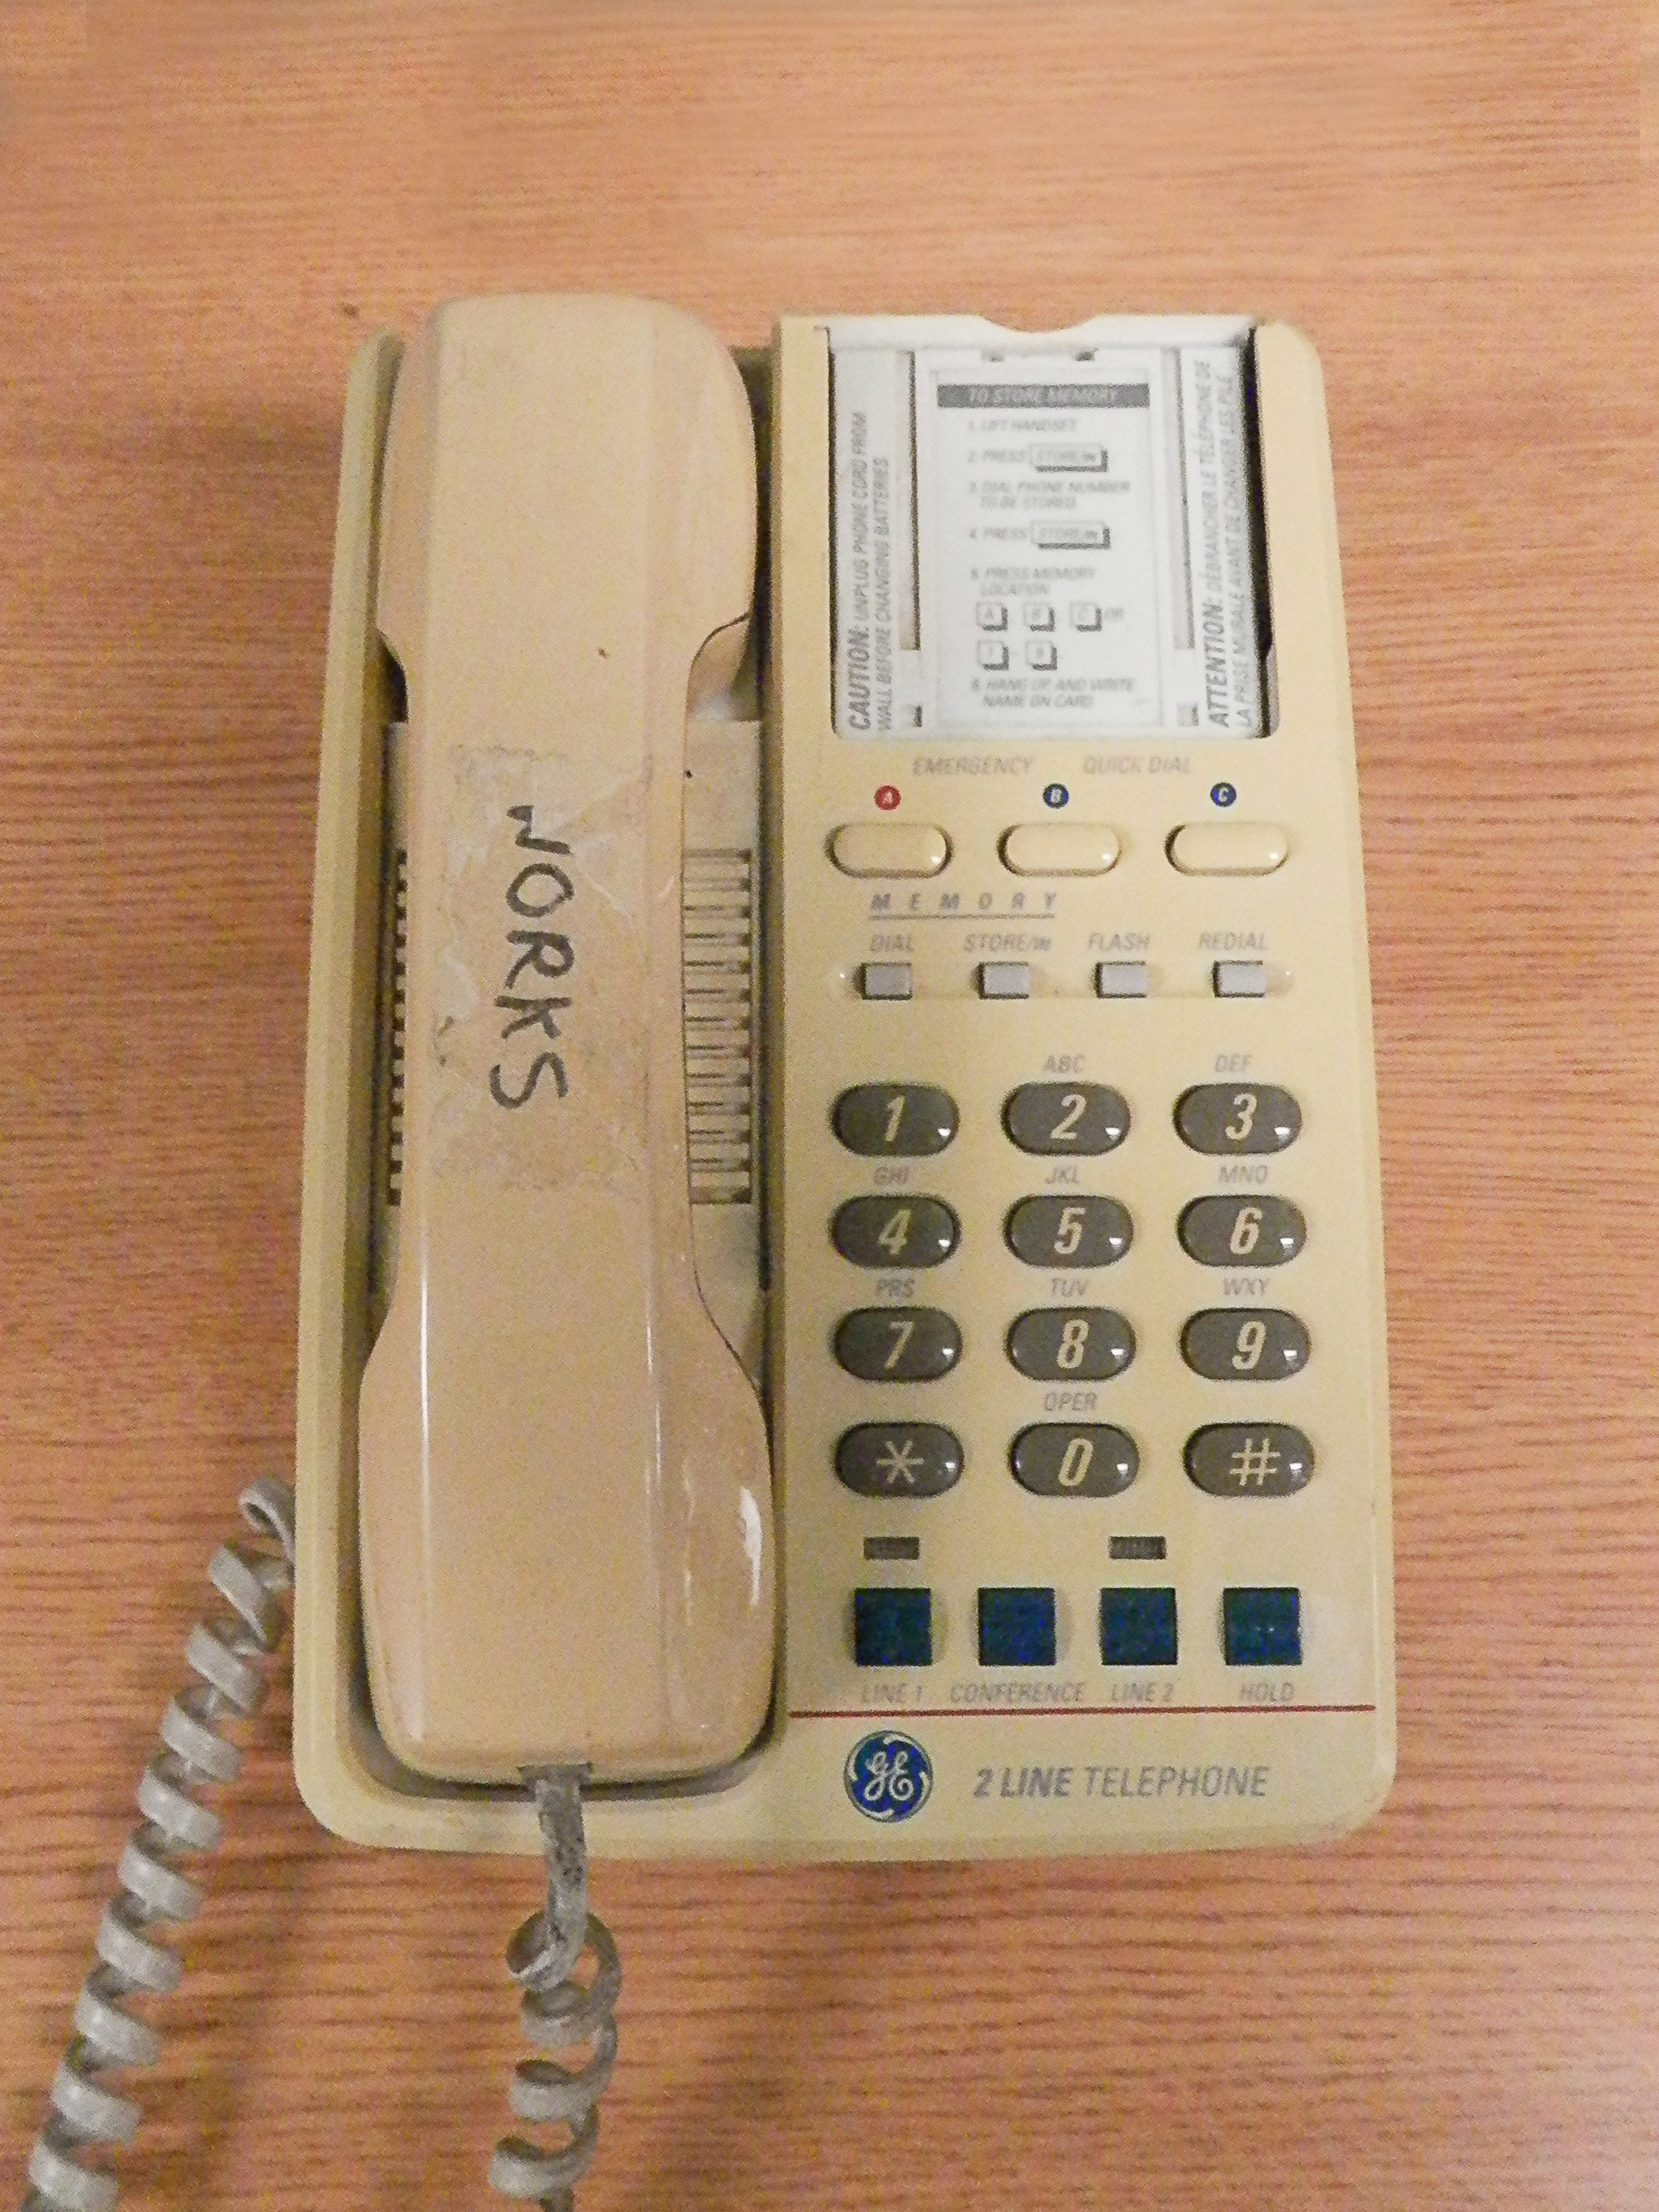 Corded Phone 2line GE beige